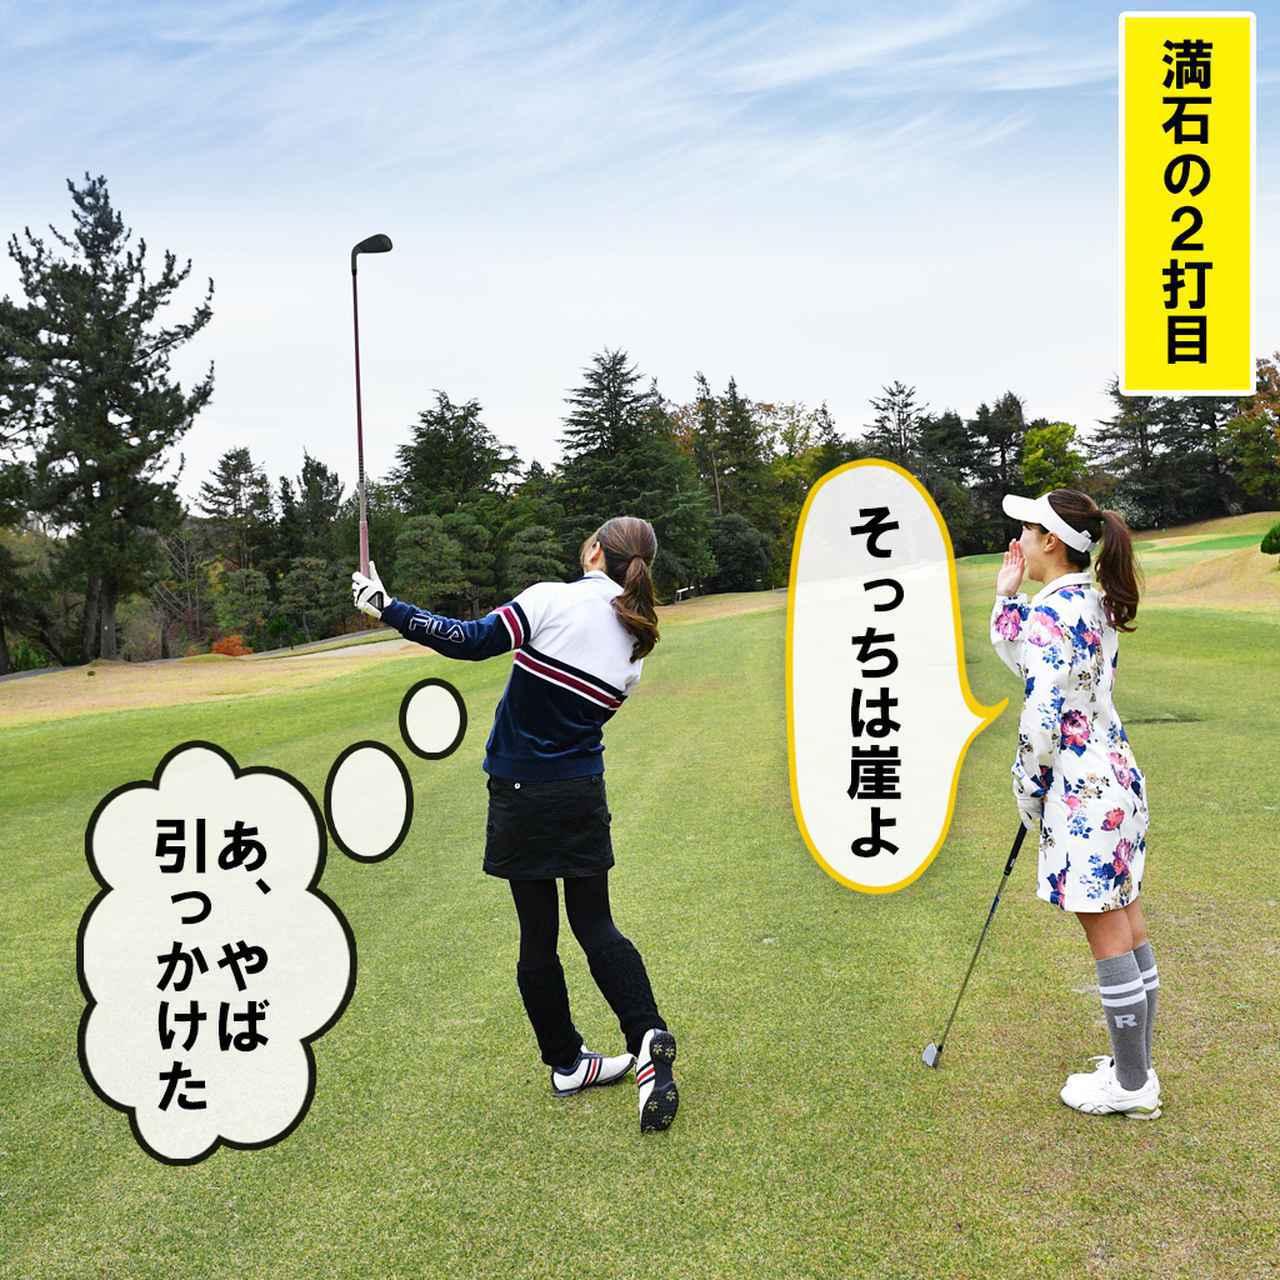 画像1: 【新ルール】ピンが見えない所にボールがあるときは、ピンの方向を教えていい?